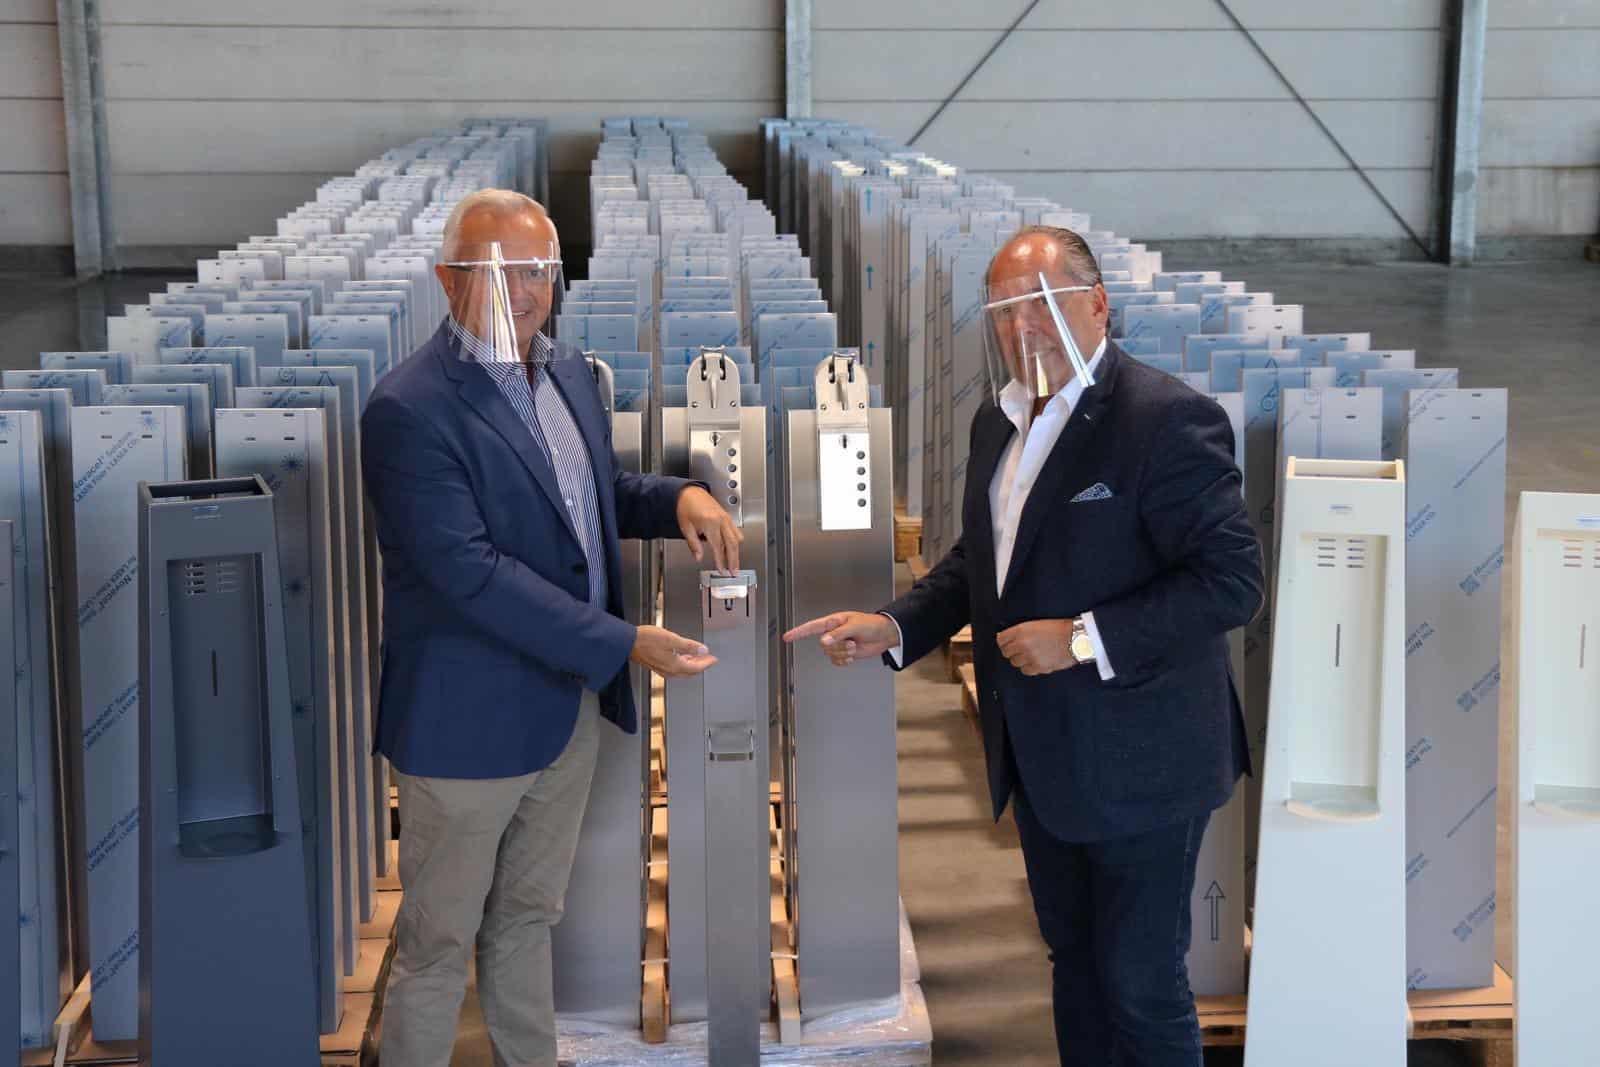 v.l. Achim Hallerbach und Peter Hack